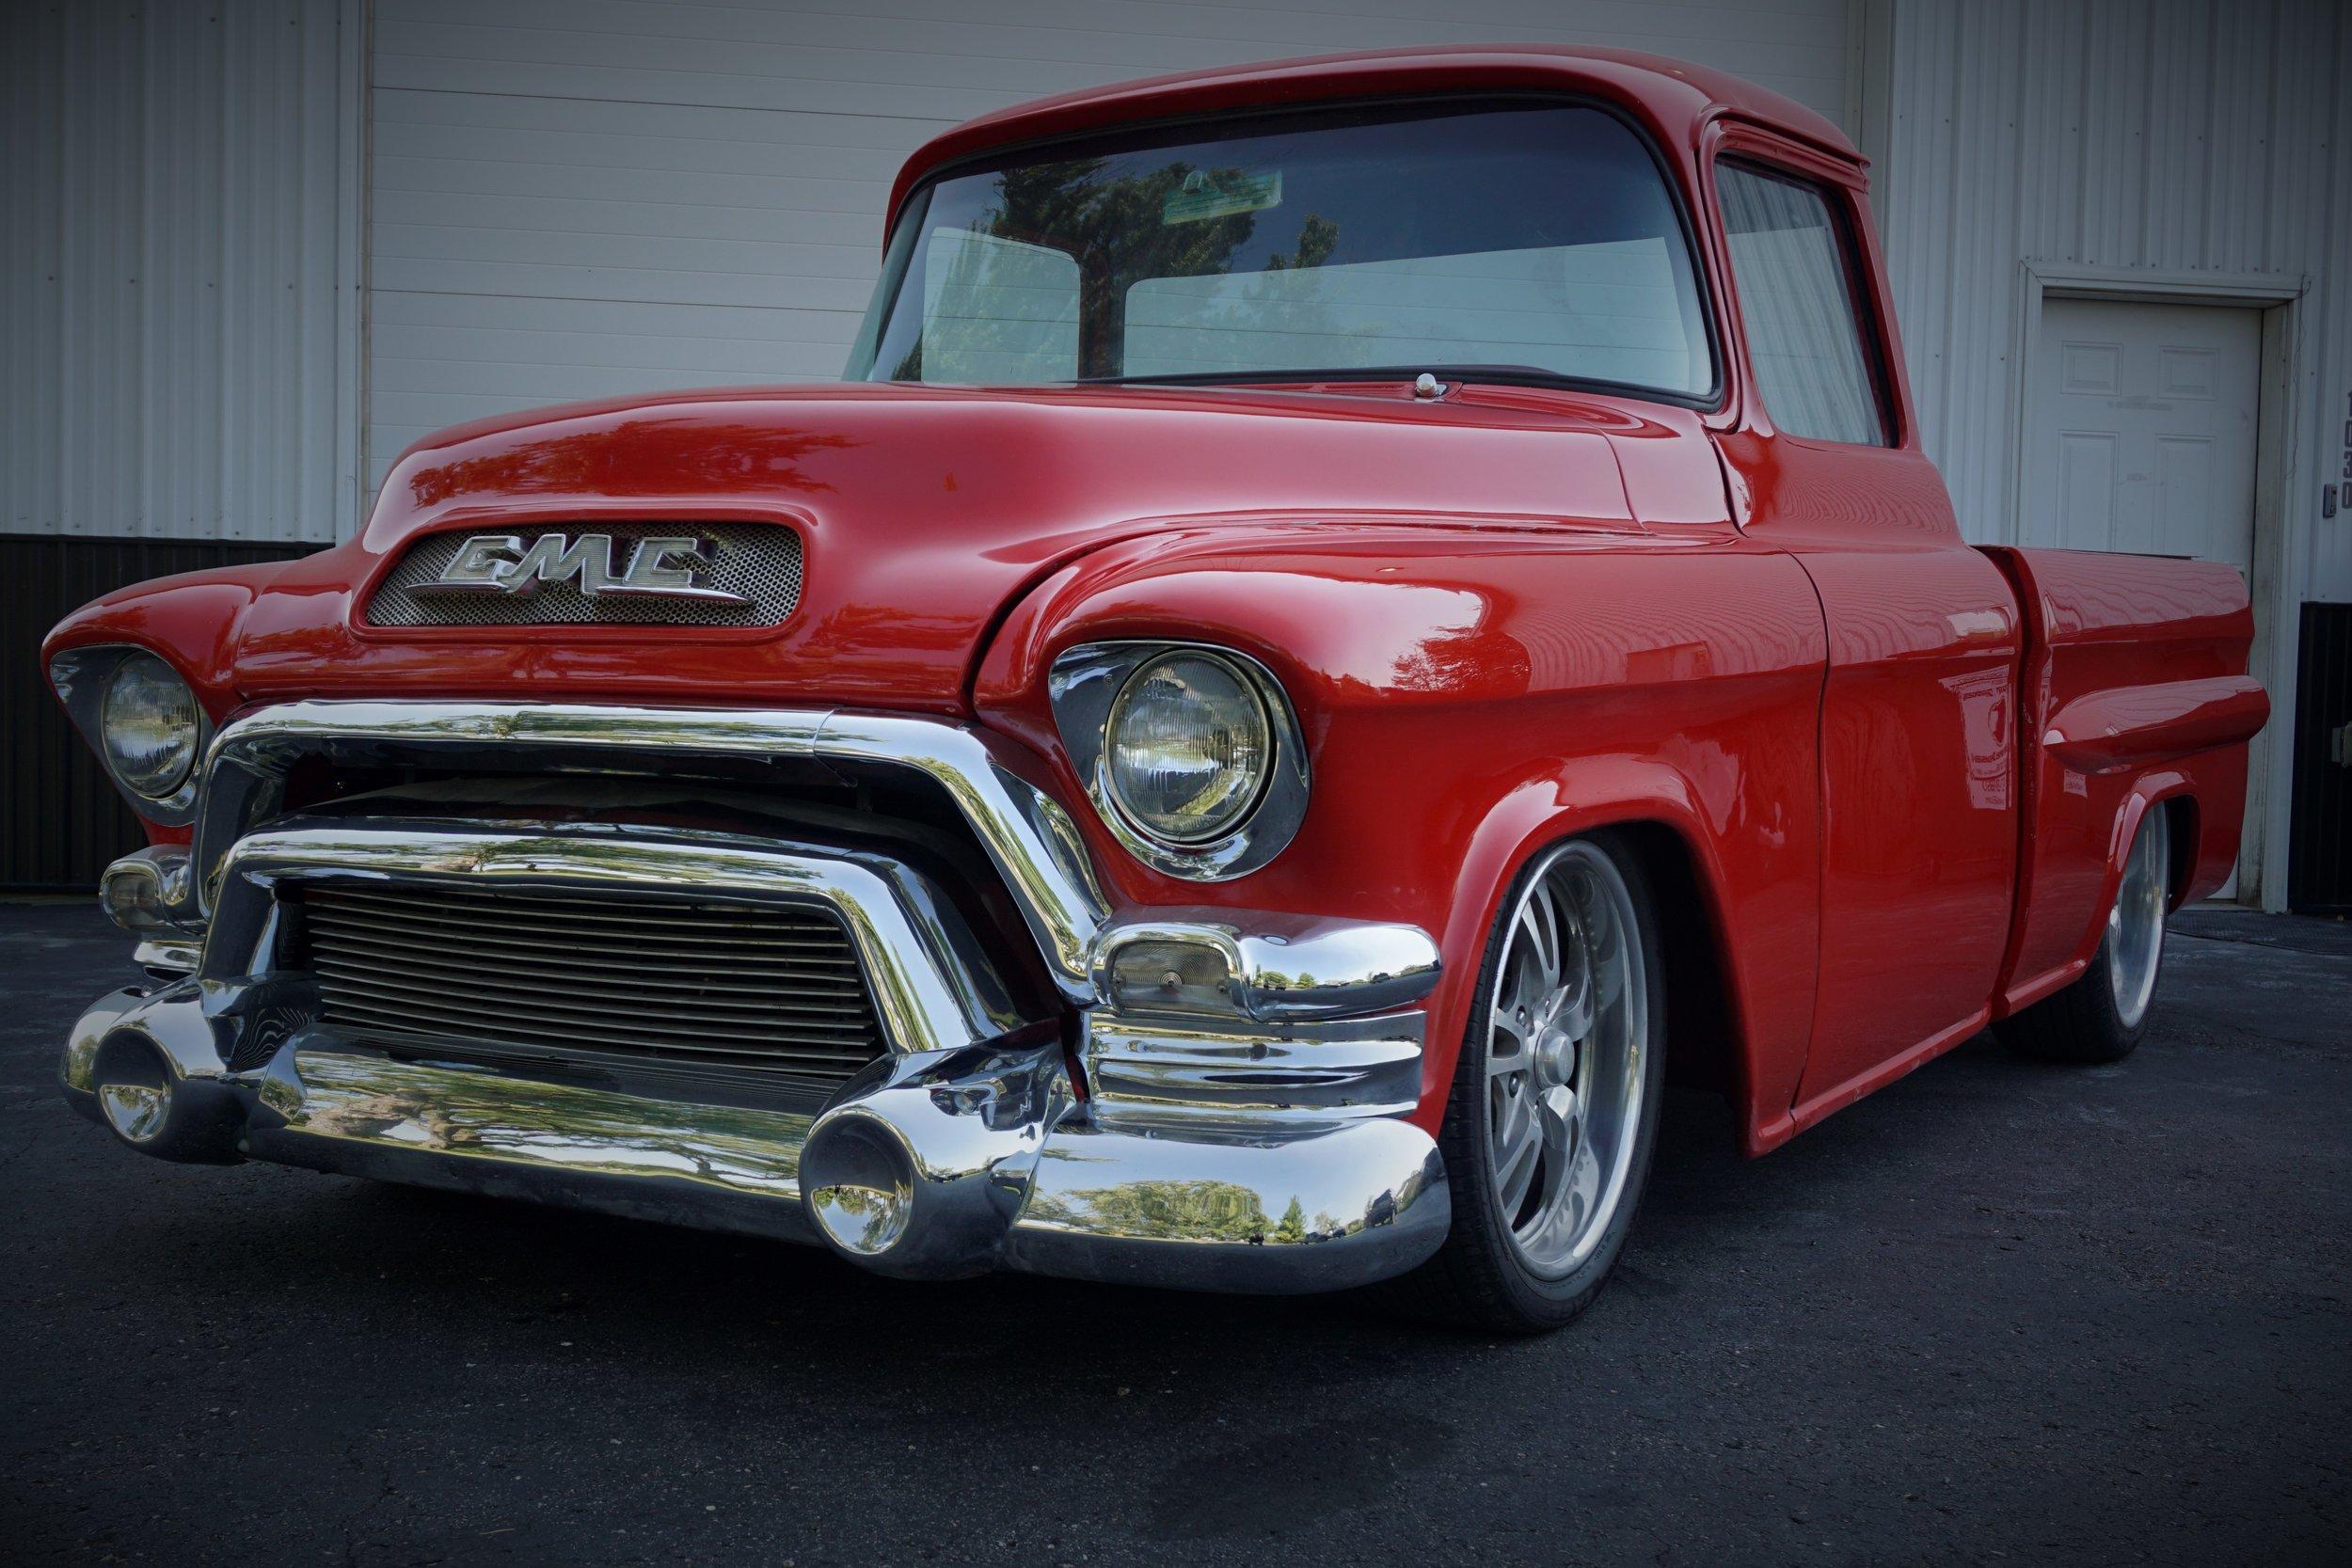 1A 1955 Chevrolet Big Window.JPG